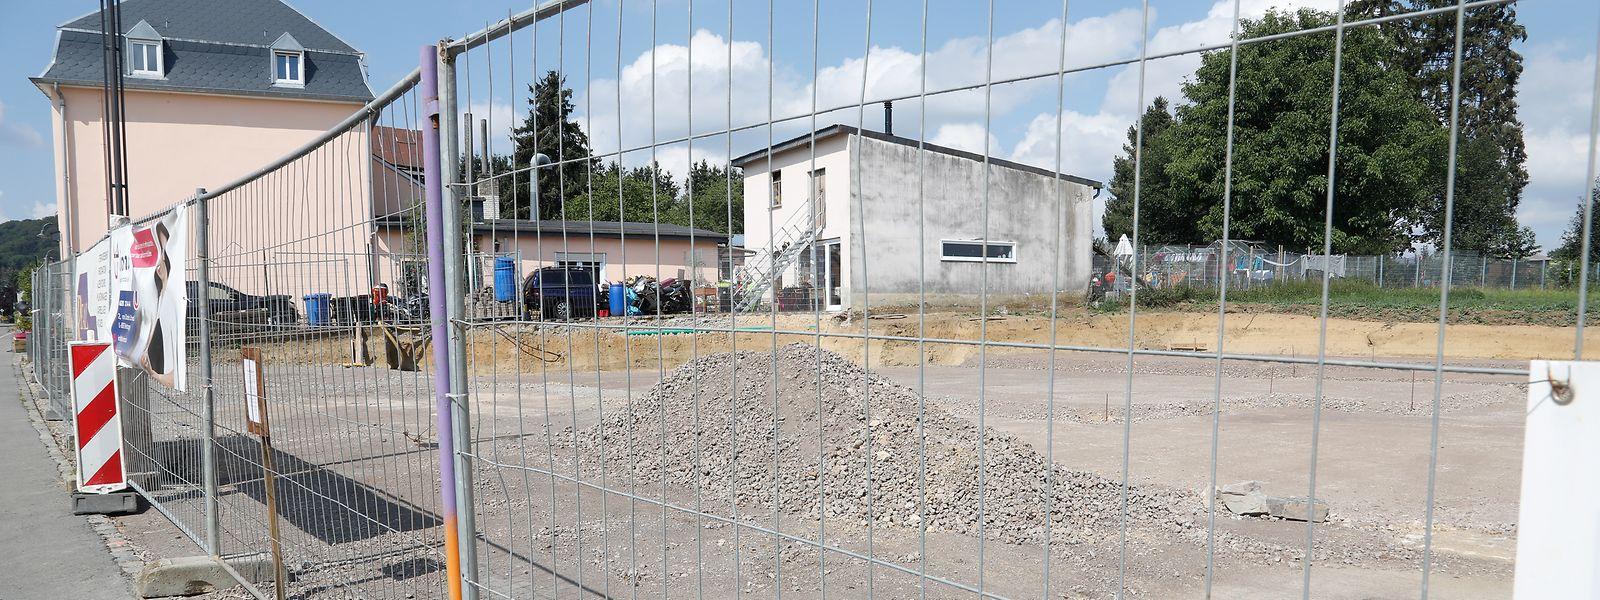 Les travaux de la nouvelle crèche de Beckerich à l'arrêt depuis le 25 juin.